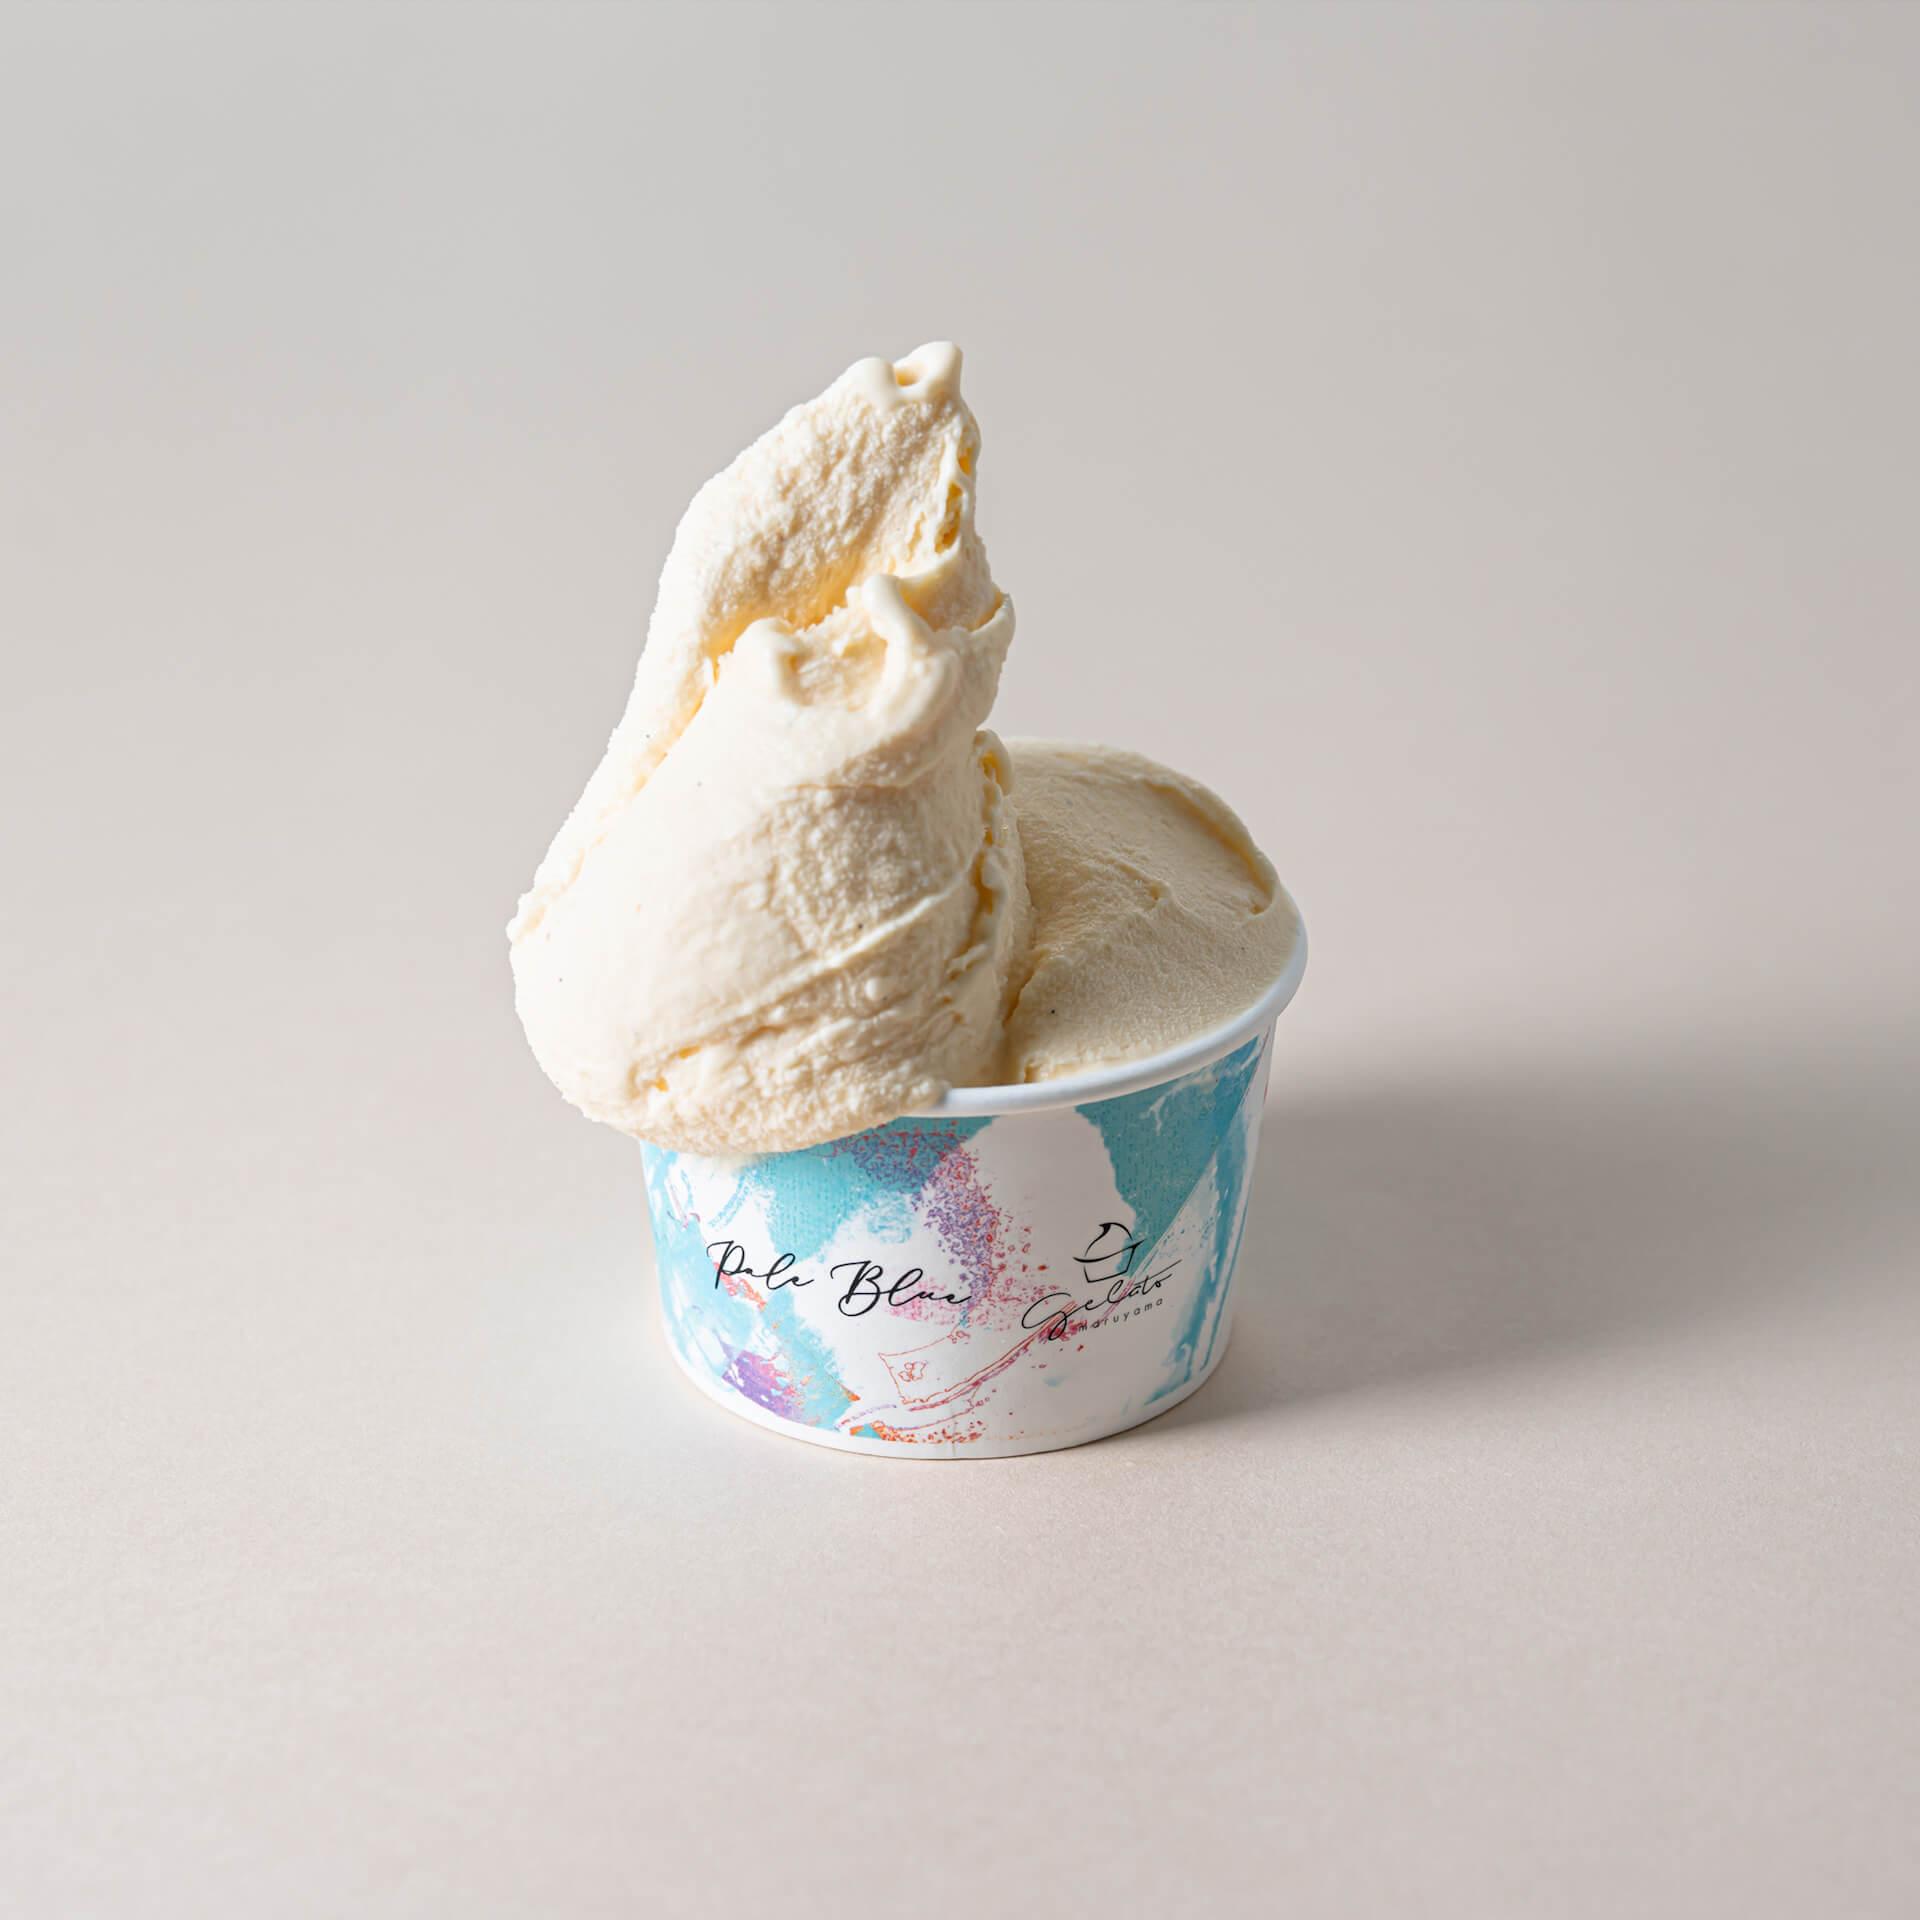 米津玄師『Pale Blue』の楽曲をイメージしたジェラートが期間限定ショップ「Pale Blue Melt」で発売決定! gourmet210827_yonezukenshi_4